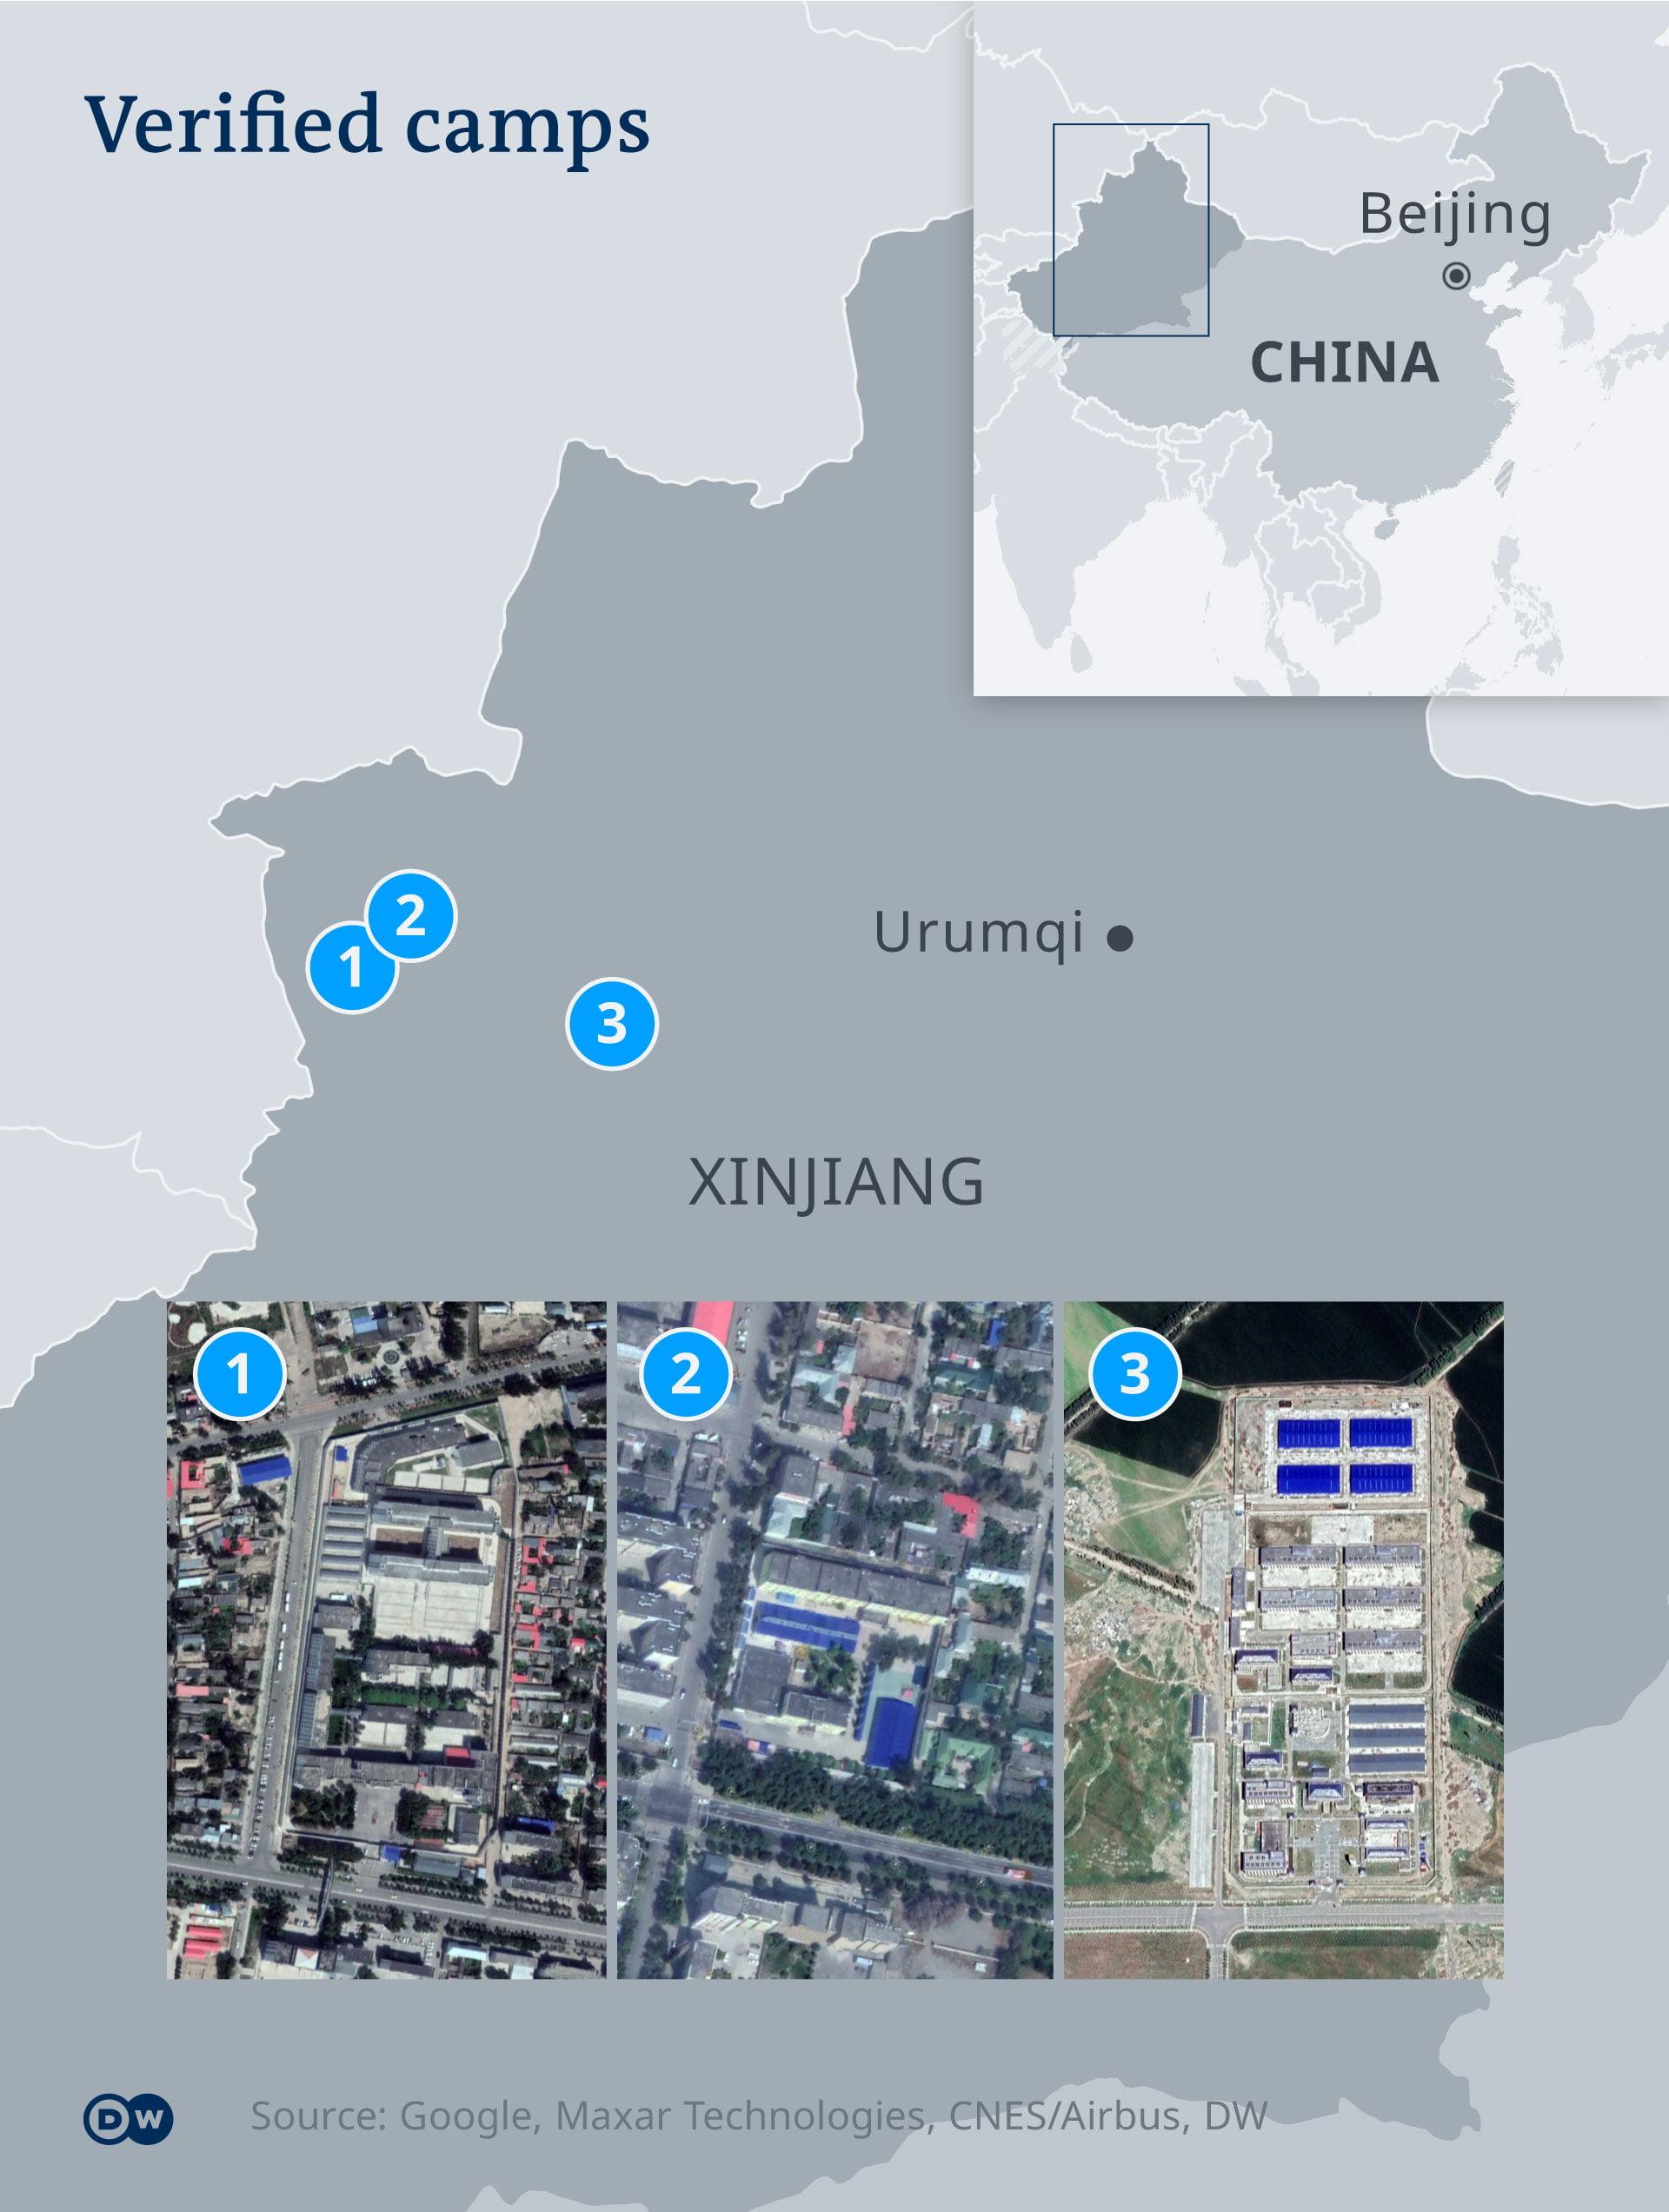 DW picture Xinjiang and Urimqi